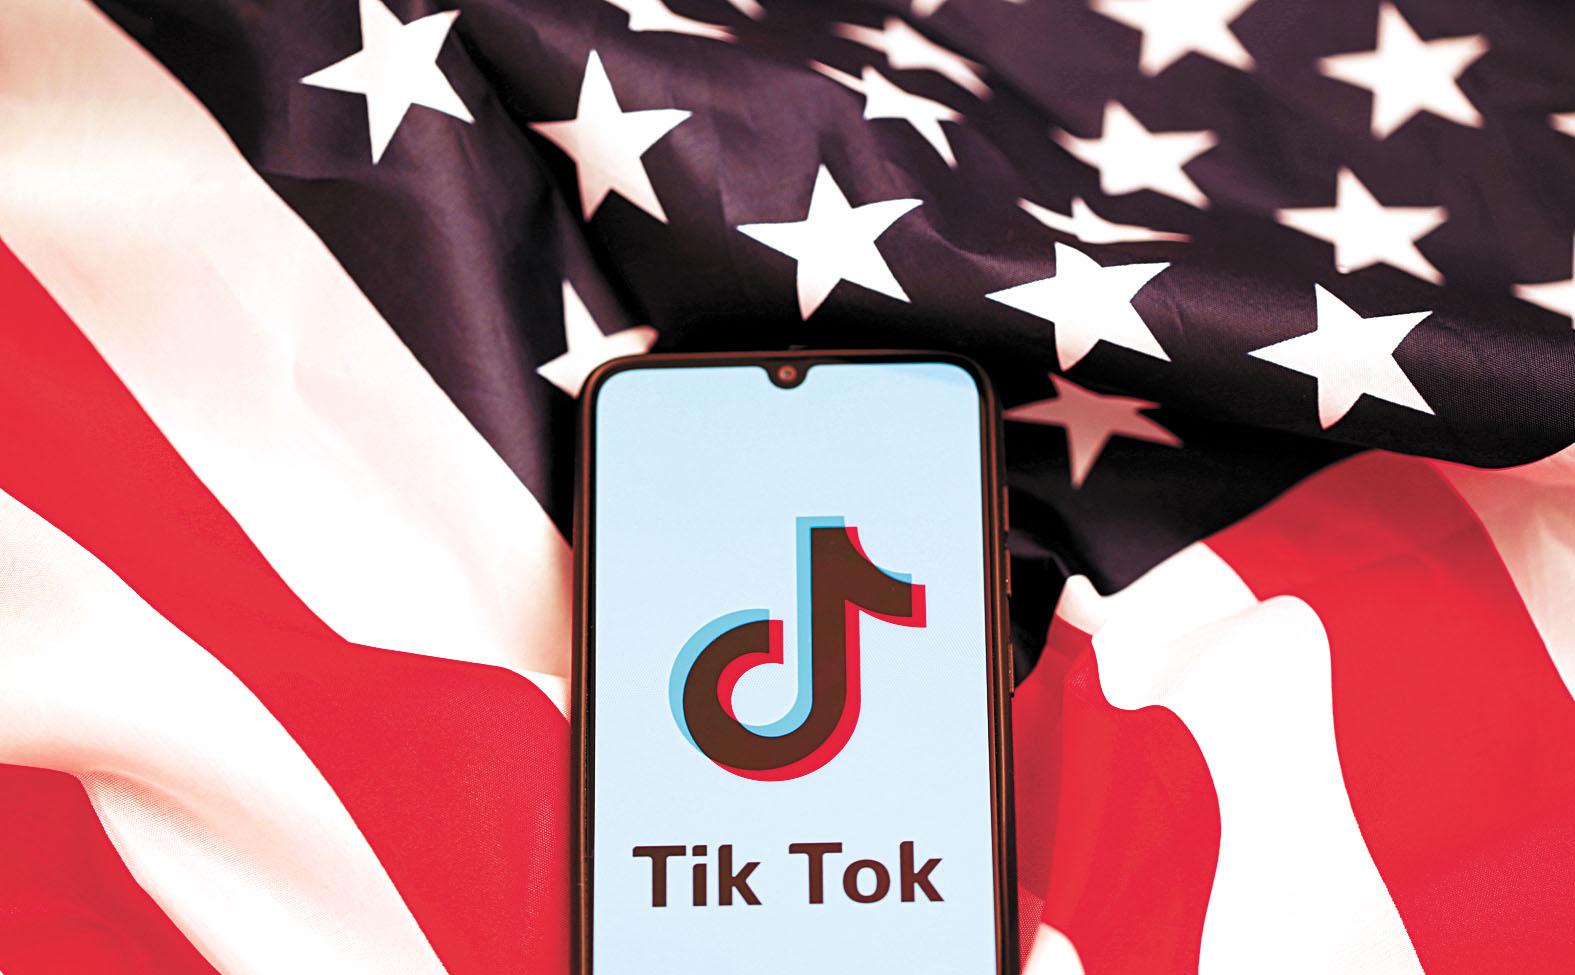 TikTok禁令被法官暫緩,美國商務部表示,會積極捍衛政府的行政命令。路透社